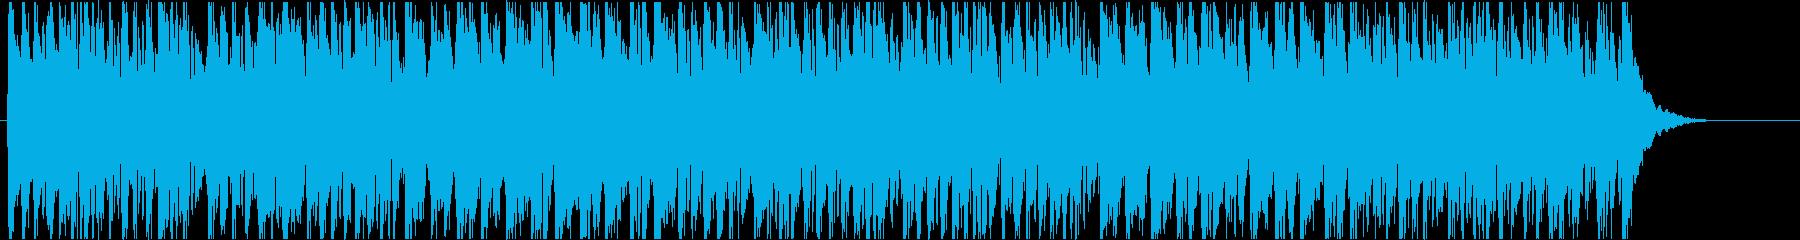 コミカルな子供向け行進曲風BGMの再生済みの波形